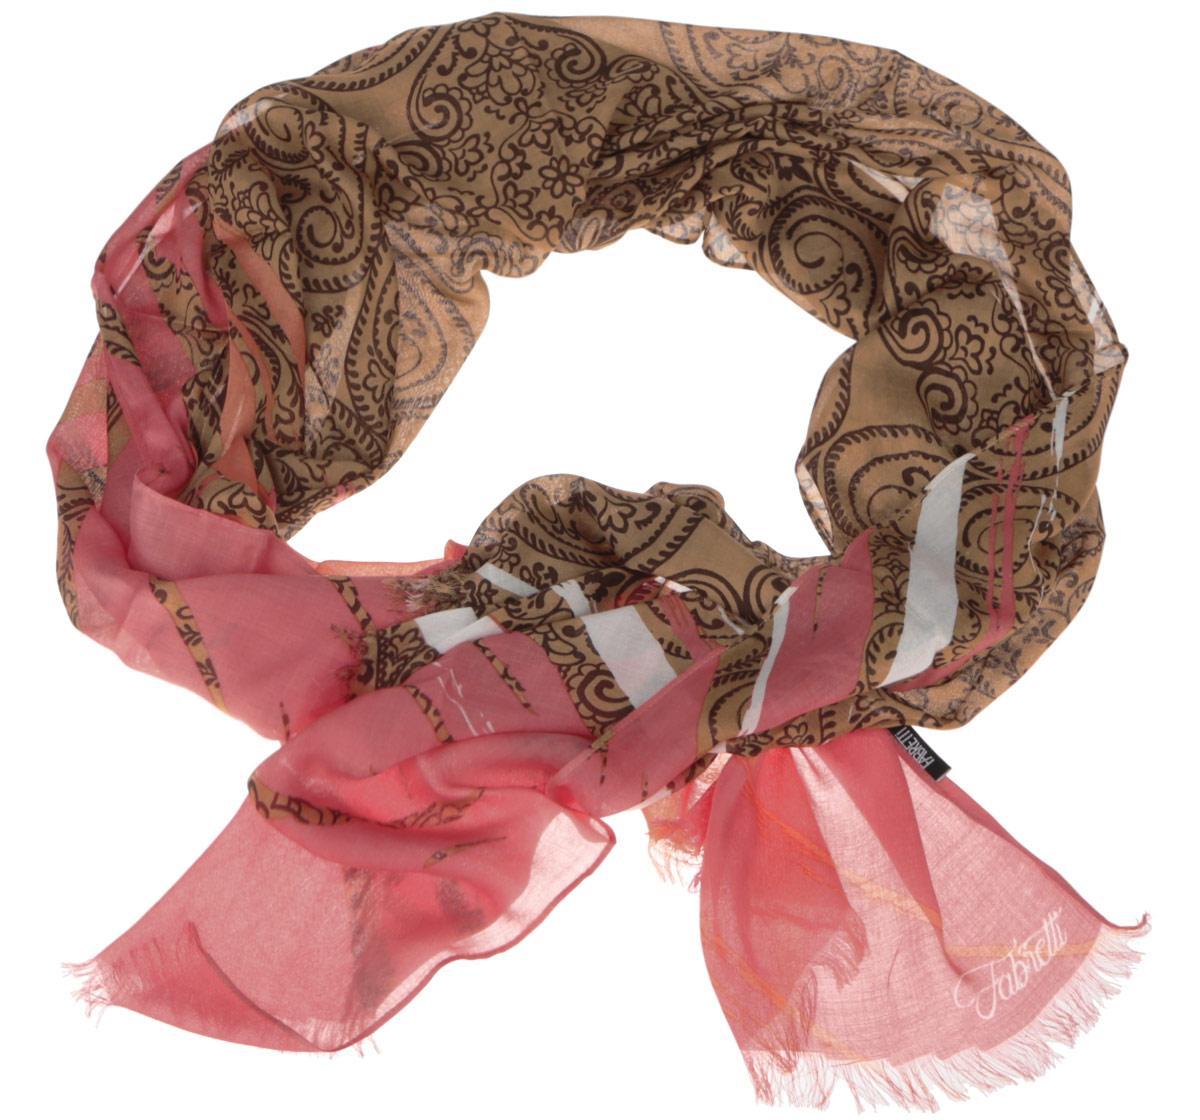 Шарф женский Fabretti, цвет: коричневый, розовый. DS2015-001-1. Размер 184 см х 70 смDS2015-001-1Модный женский шарф Fabretti подарит вам уют и станет стильным аксессуаром, который призван подчеркнуть вашу индивидуальность и женственность. Тонкий шарф выполнен из высококачественного модала с добавлением вискозы, он невероятно мягкий и приятный на ощупь. Шарф оформлен принтом с оригинальным цветочным орнаментом.Этот модный аксессуар гармонично дополнит образ современной женщины, следящей за своим имиджем и стремящейся всегда оставаться стильной и элегантной. Такой шарф украсит любой наряд и согреет вас в непогоду, с ним вы всегда будете выглядеть изысканно и оригинально.